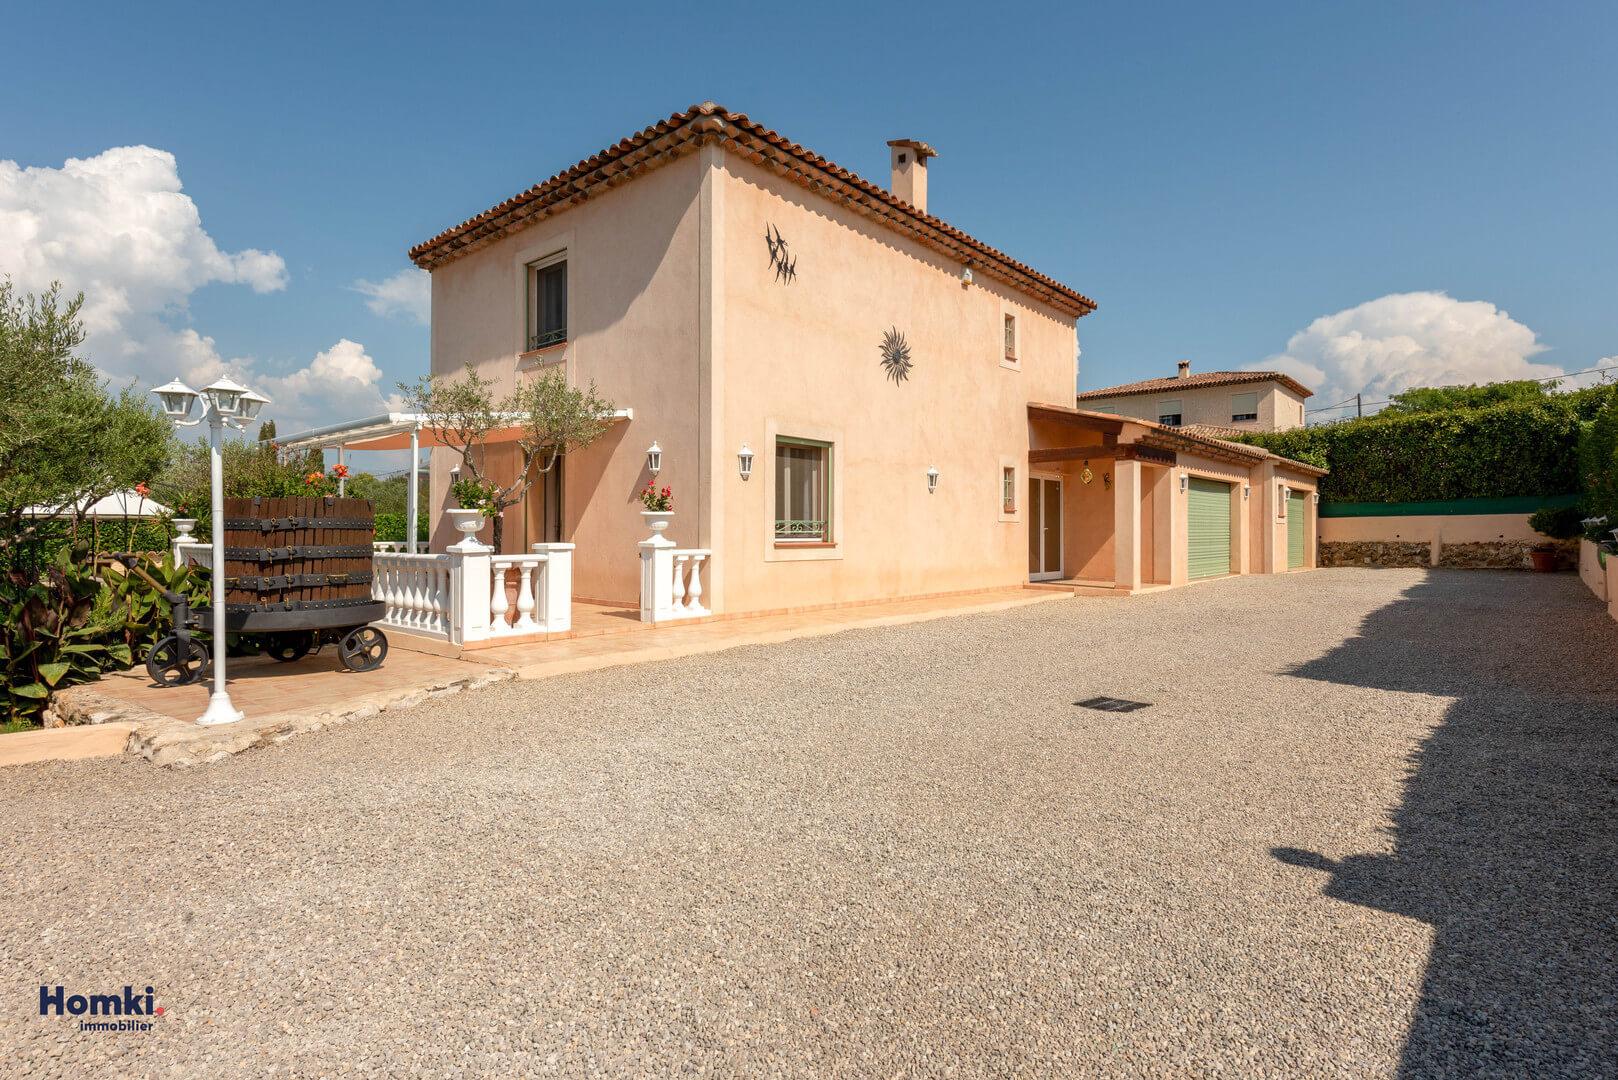 Vente Maison 169 m² T7 06410 Biot_3